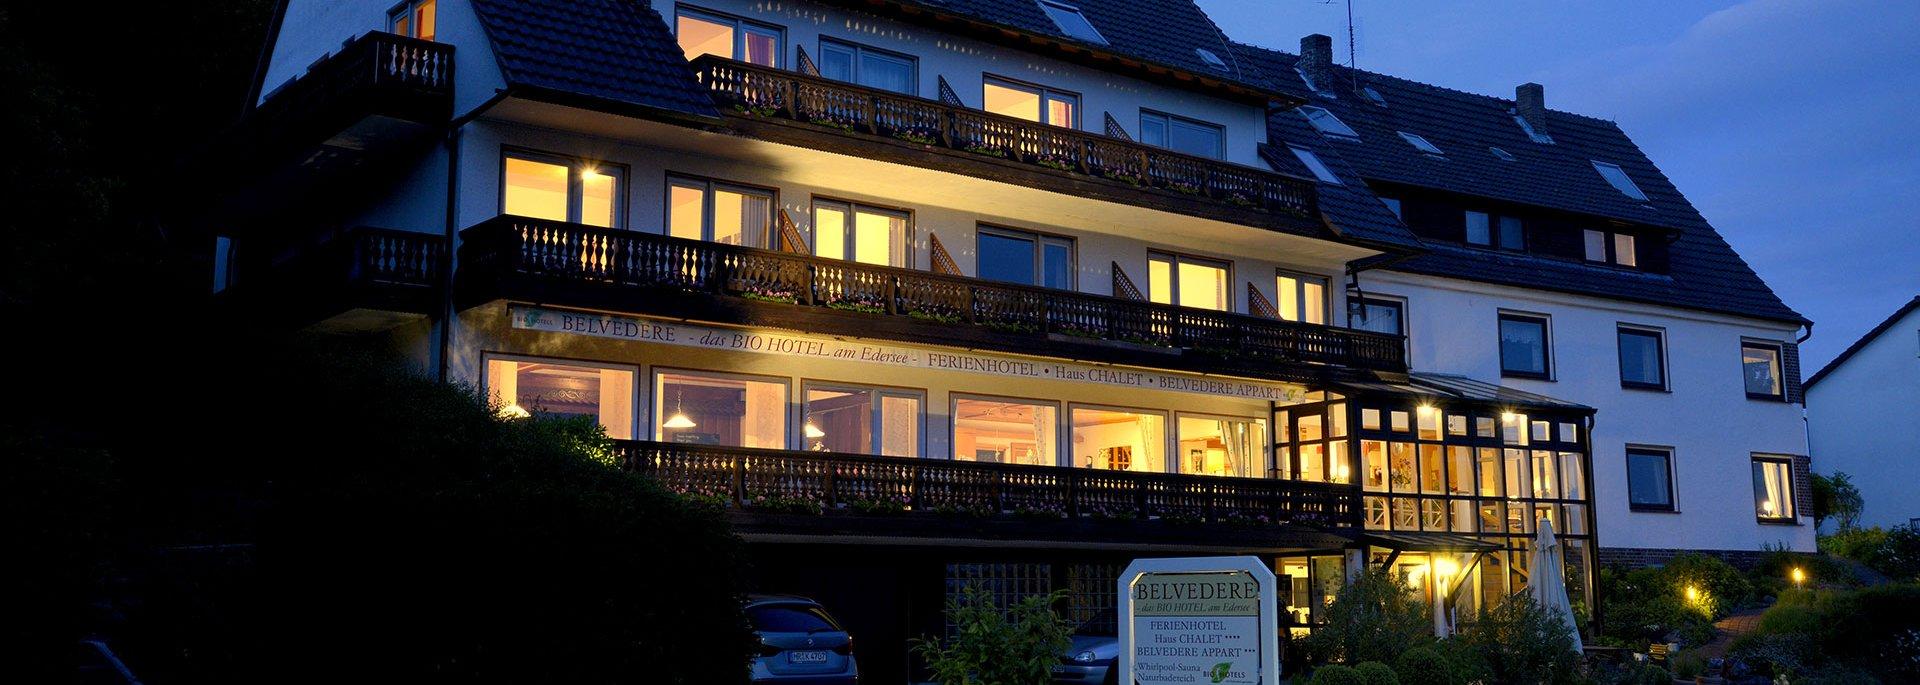 Hotel Belvedere bei Nacht